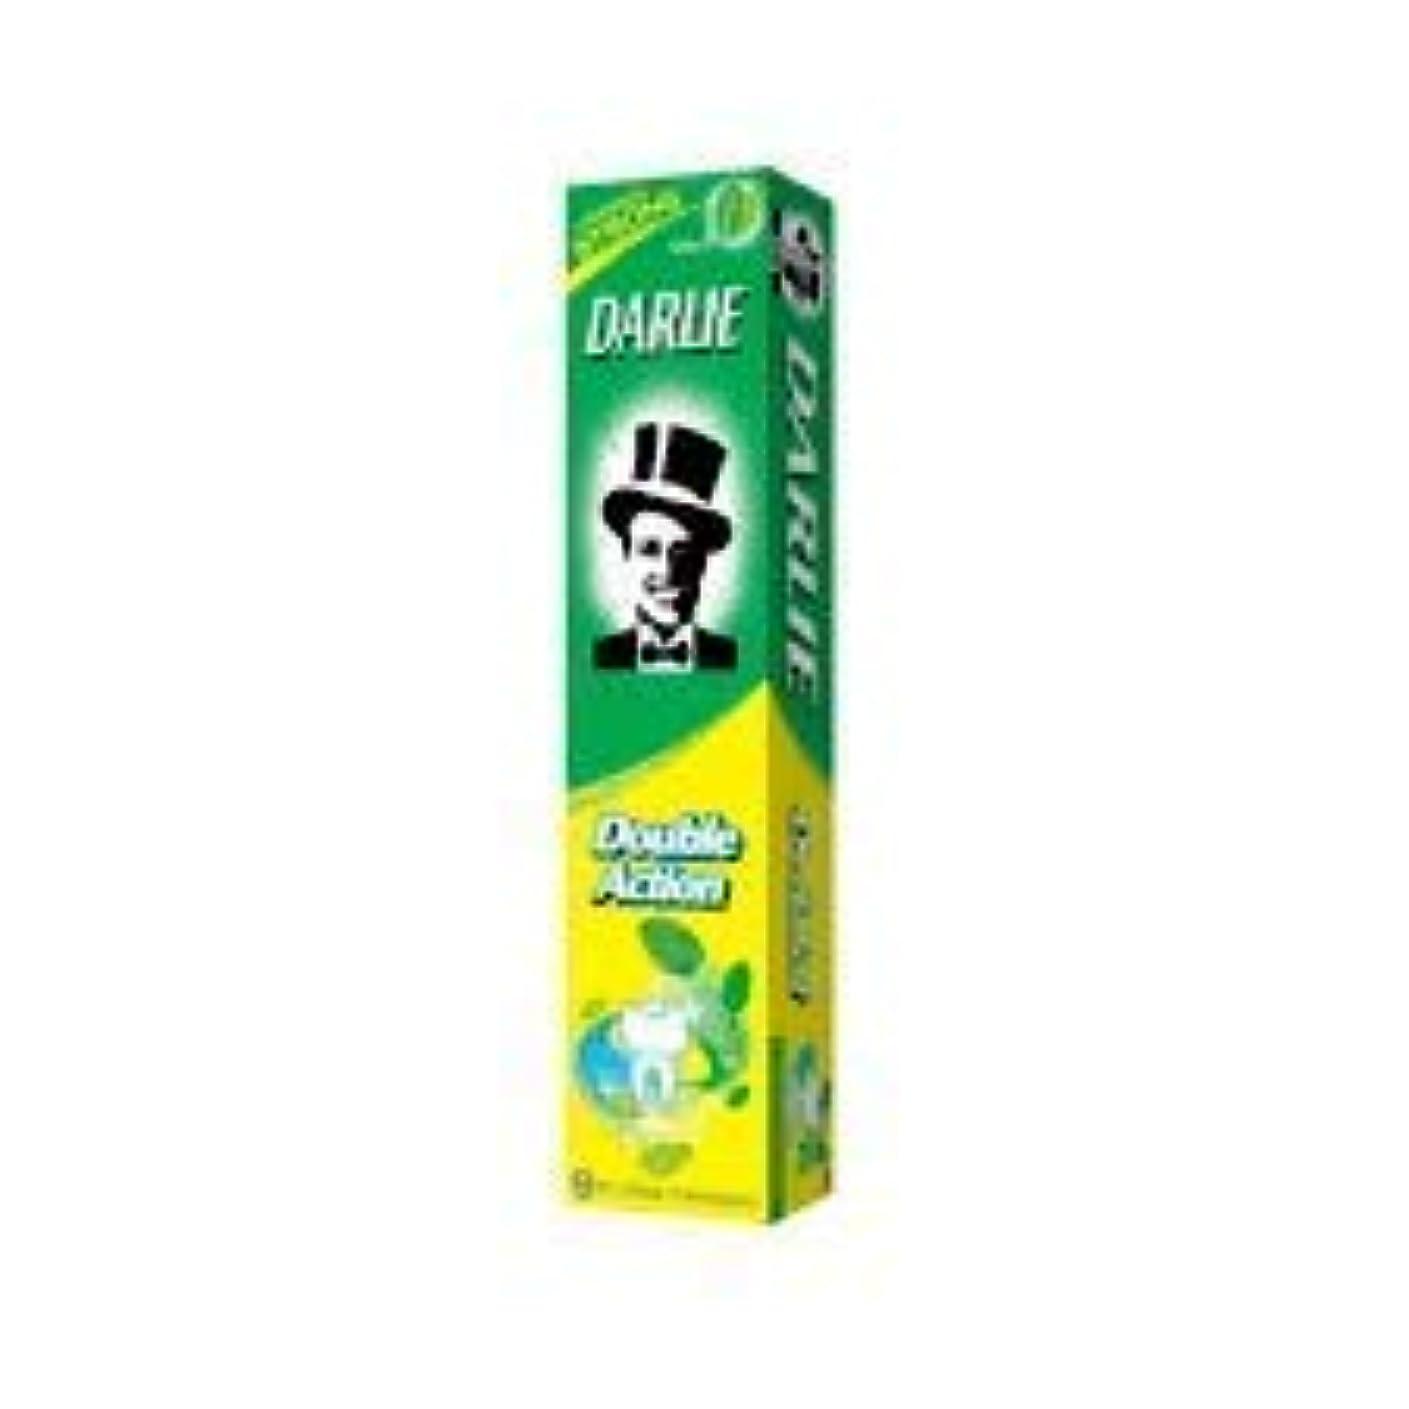 マングルピクニックをする伴うDARLIE ナチュラルミント百グラムの黒歯磨き粉歯磨き粉二重の役割は - 歯を強化し、虫歯を防ぐためにフッ化物を追加します